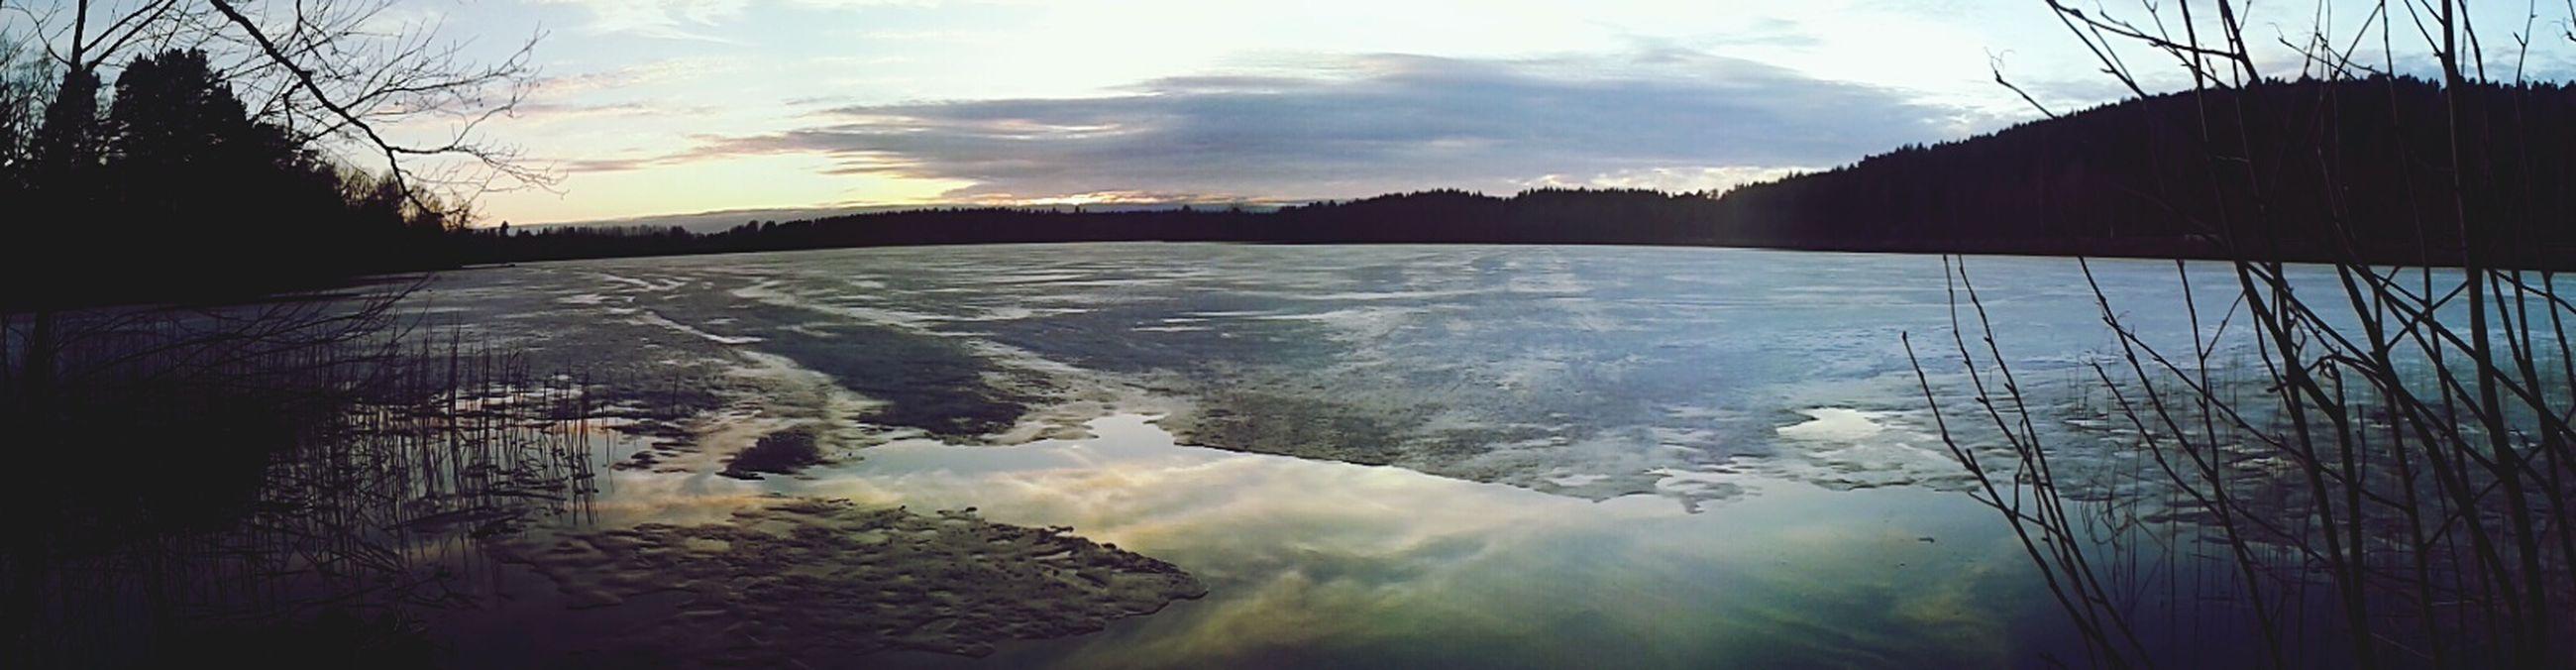 Panorama Lake Spring Finland Beautiful Taking Photos Nature